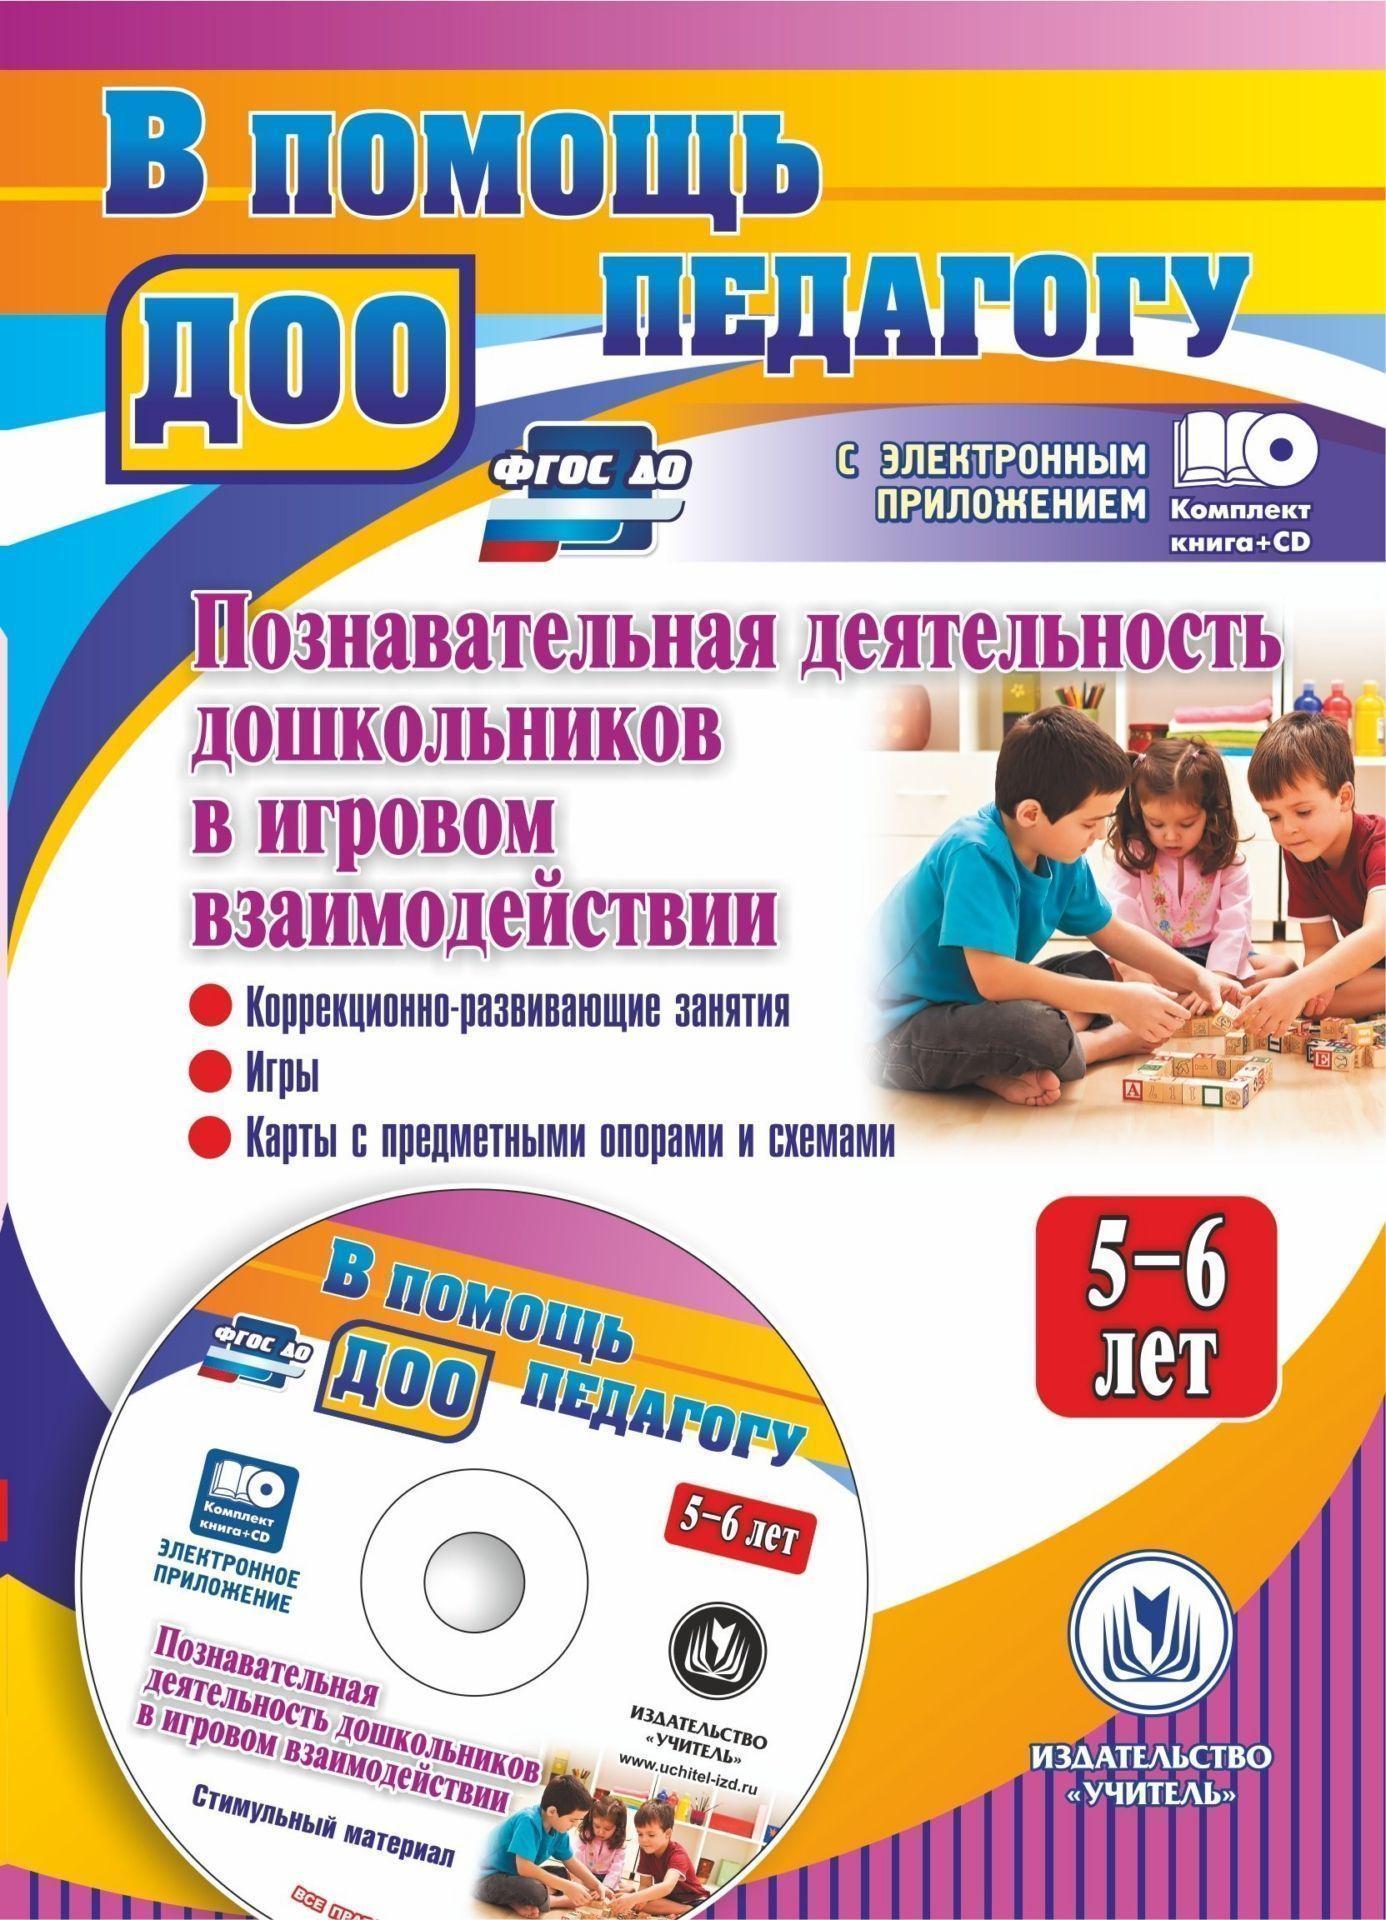 Познавательная деятельность дошкольников 5-6 лет в игровом взаимодействии: коррекционно-развивающие занятия, игры, карты с предметными опорами и схемами, стимульный материал в электронном приложении